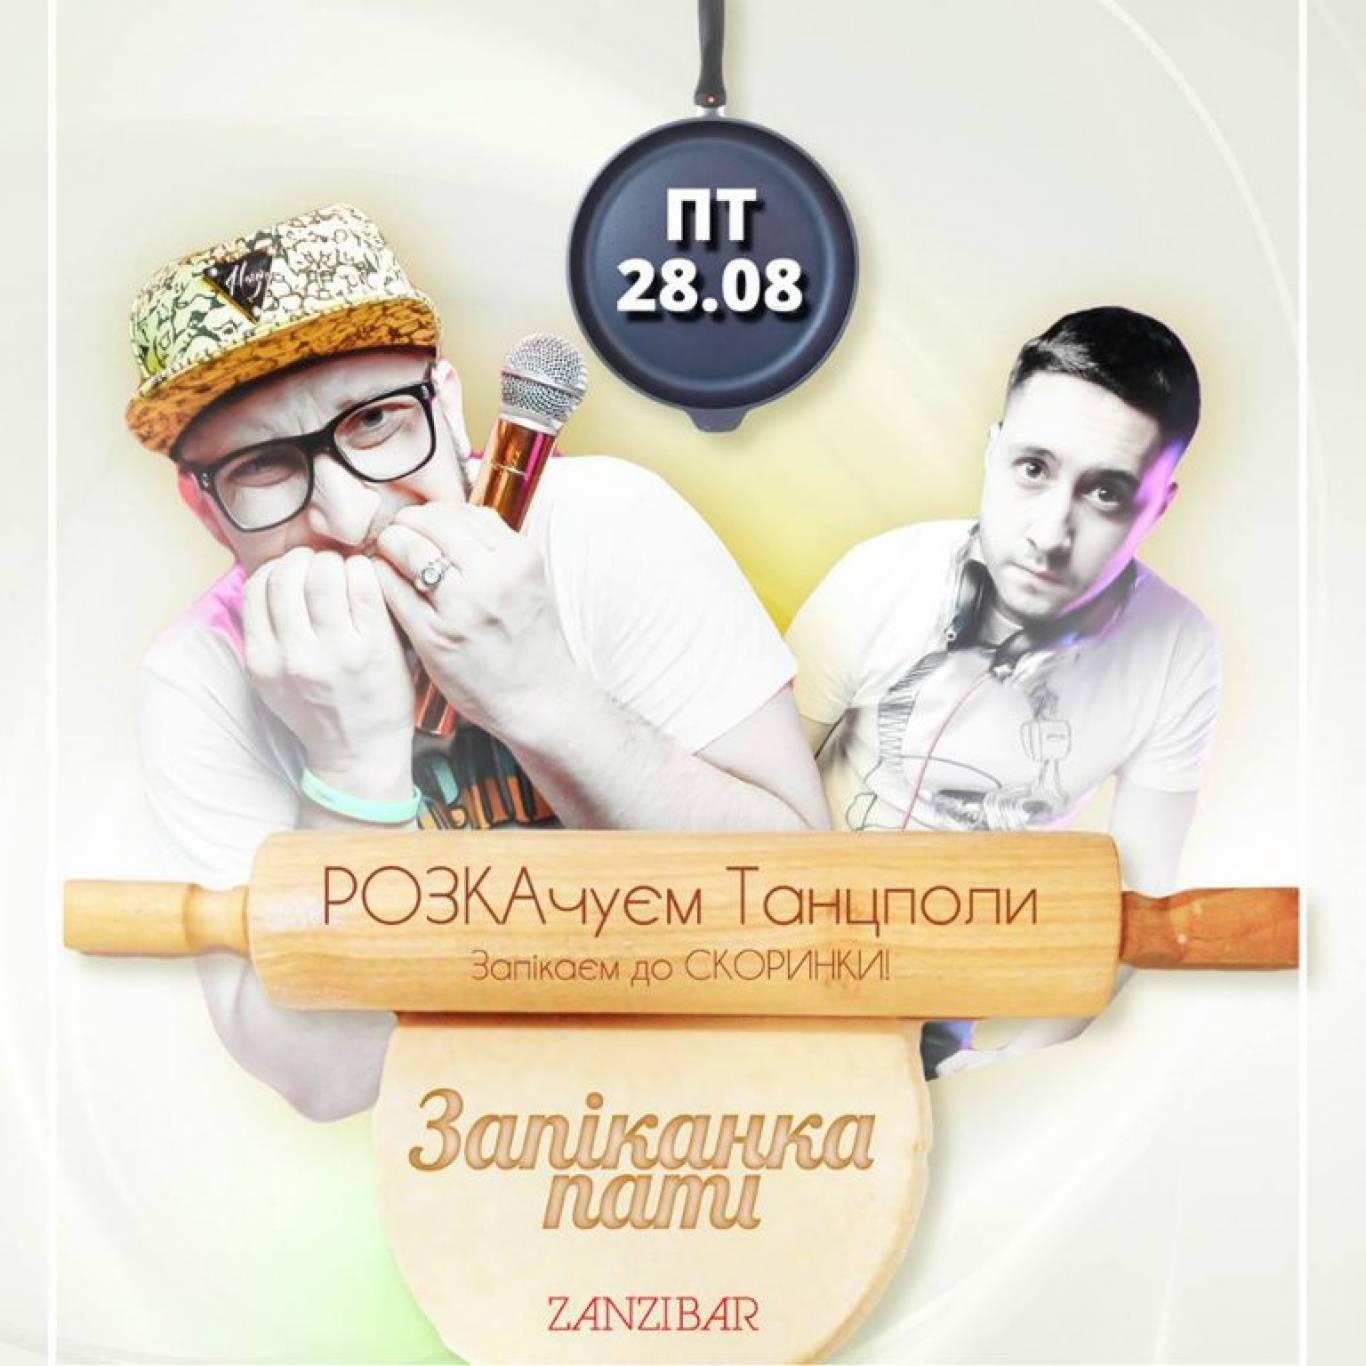 Вечірка Zapikanka party